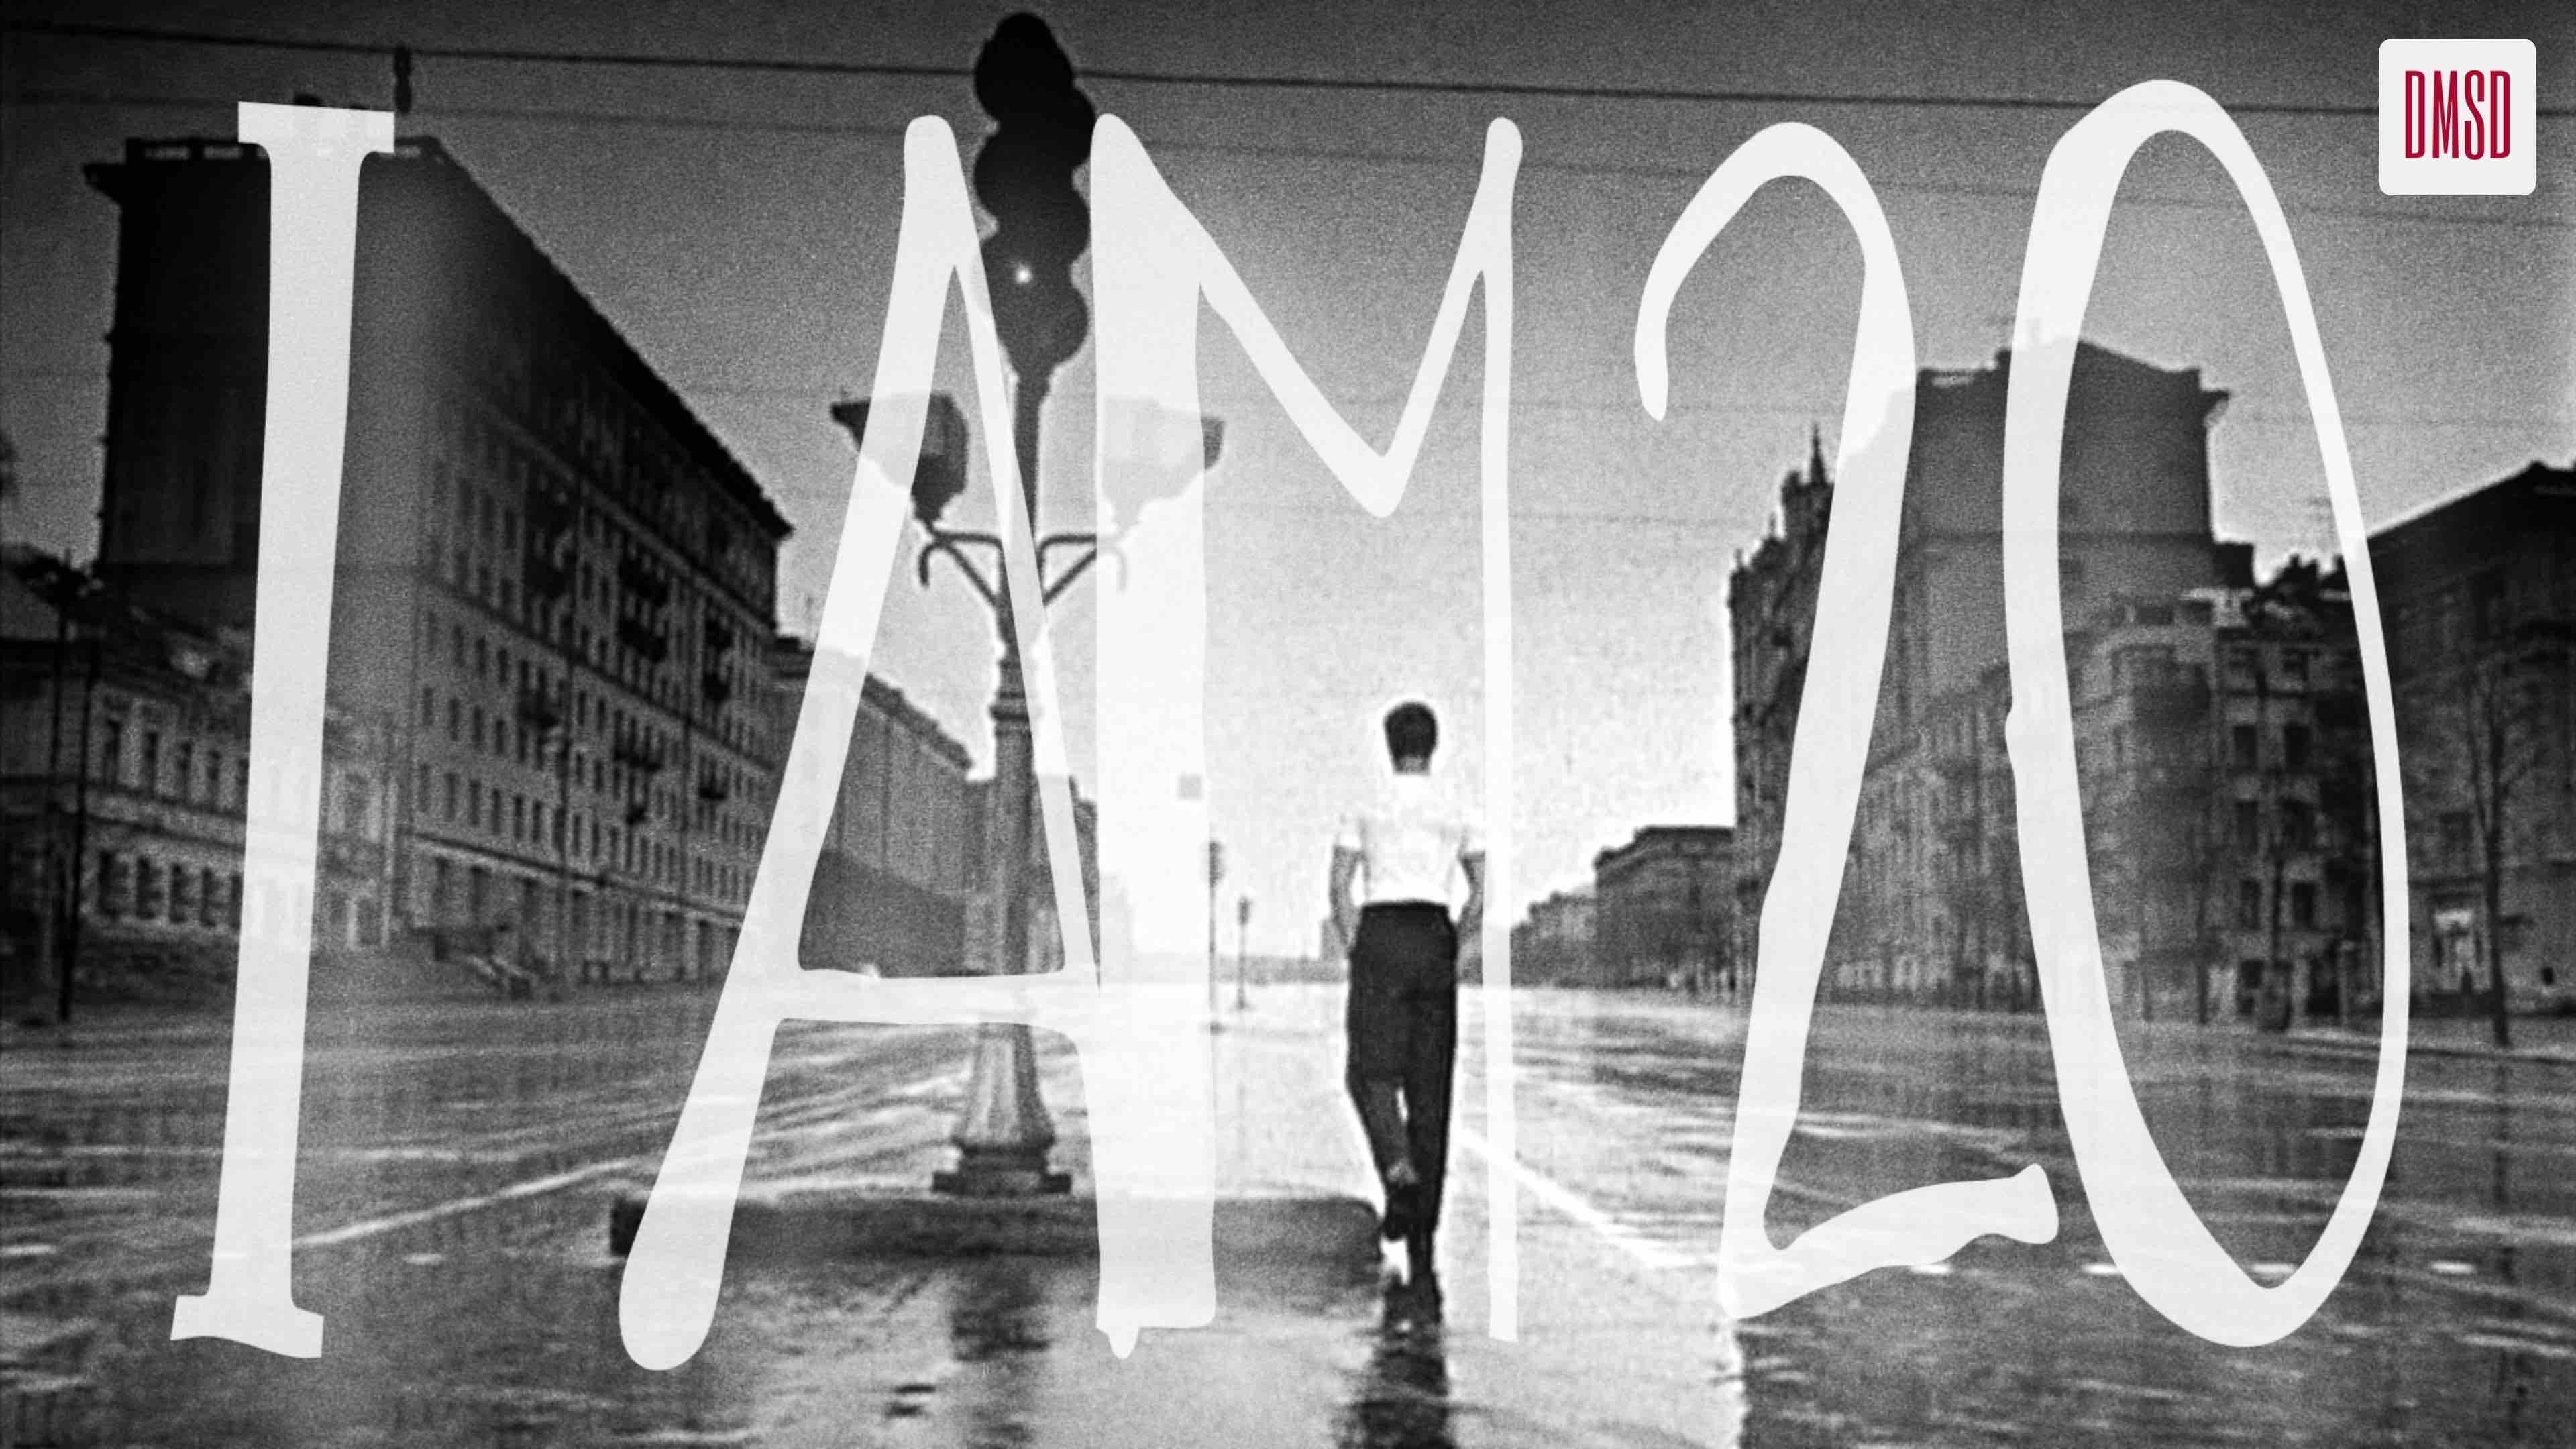 I am 20 [1962-1964]